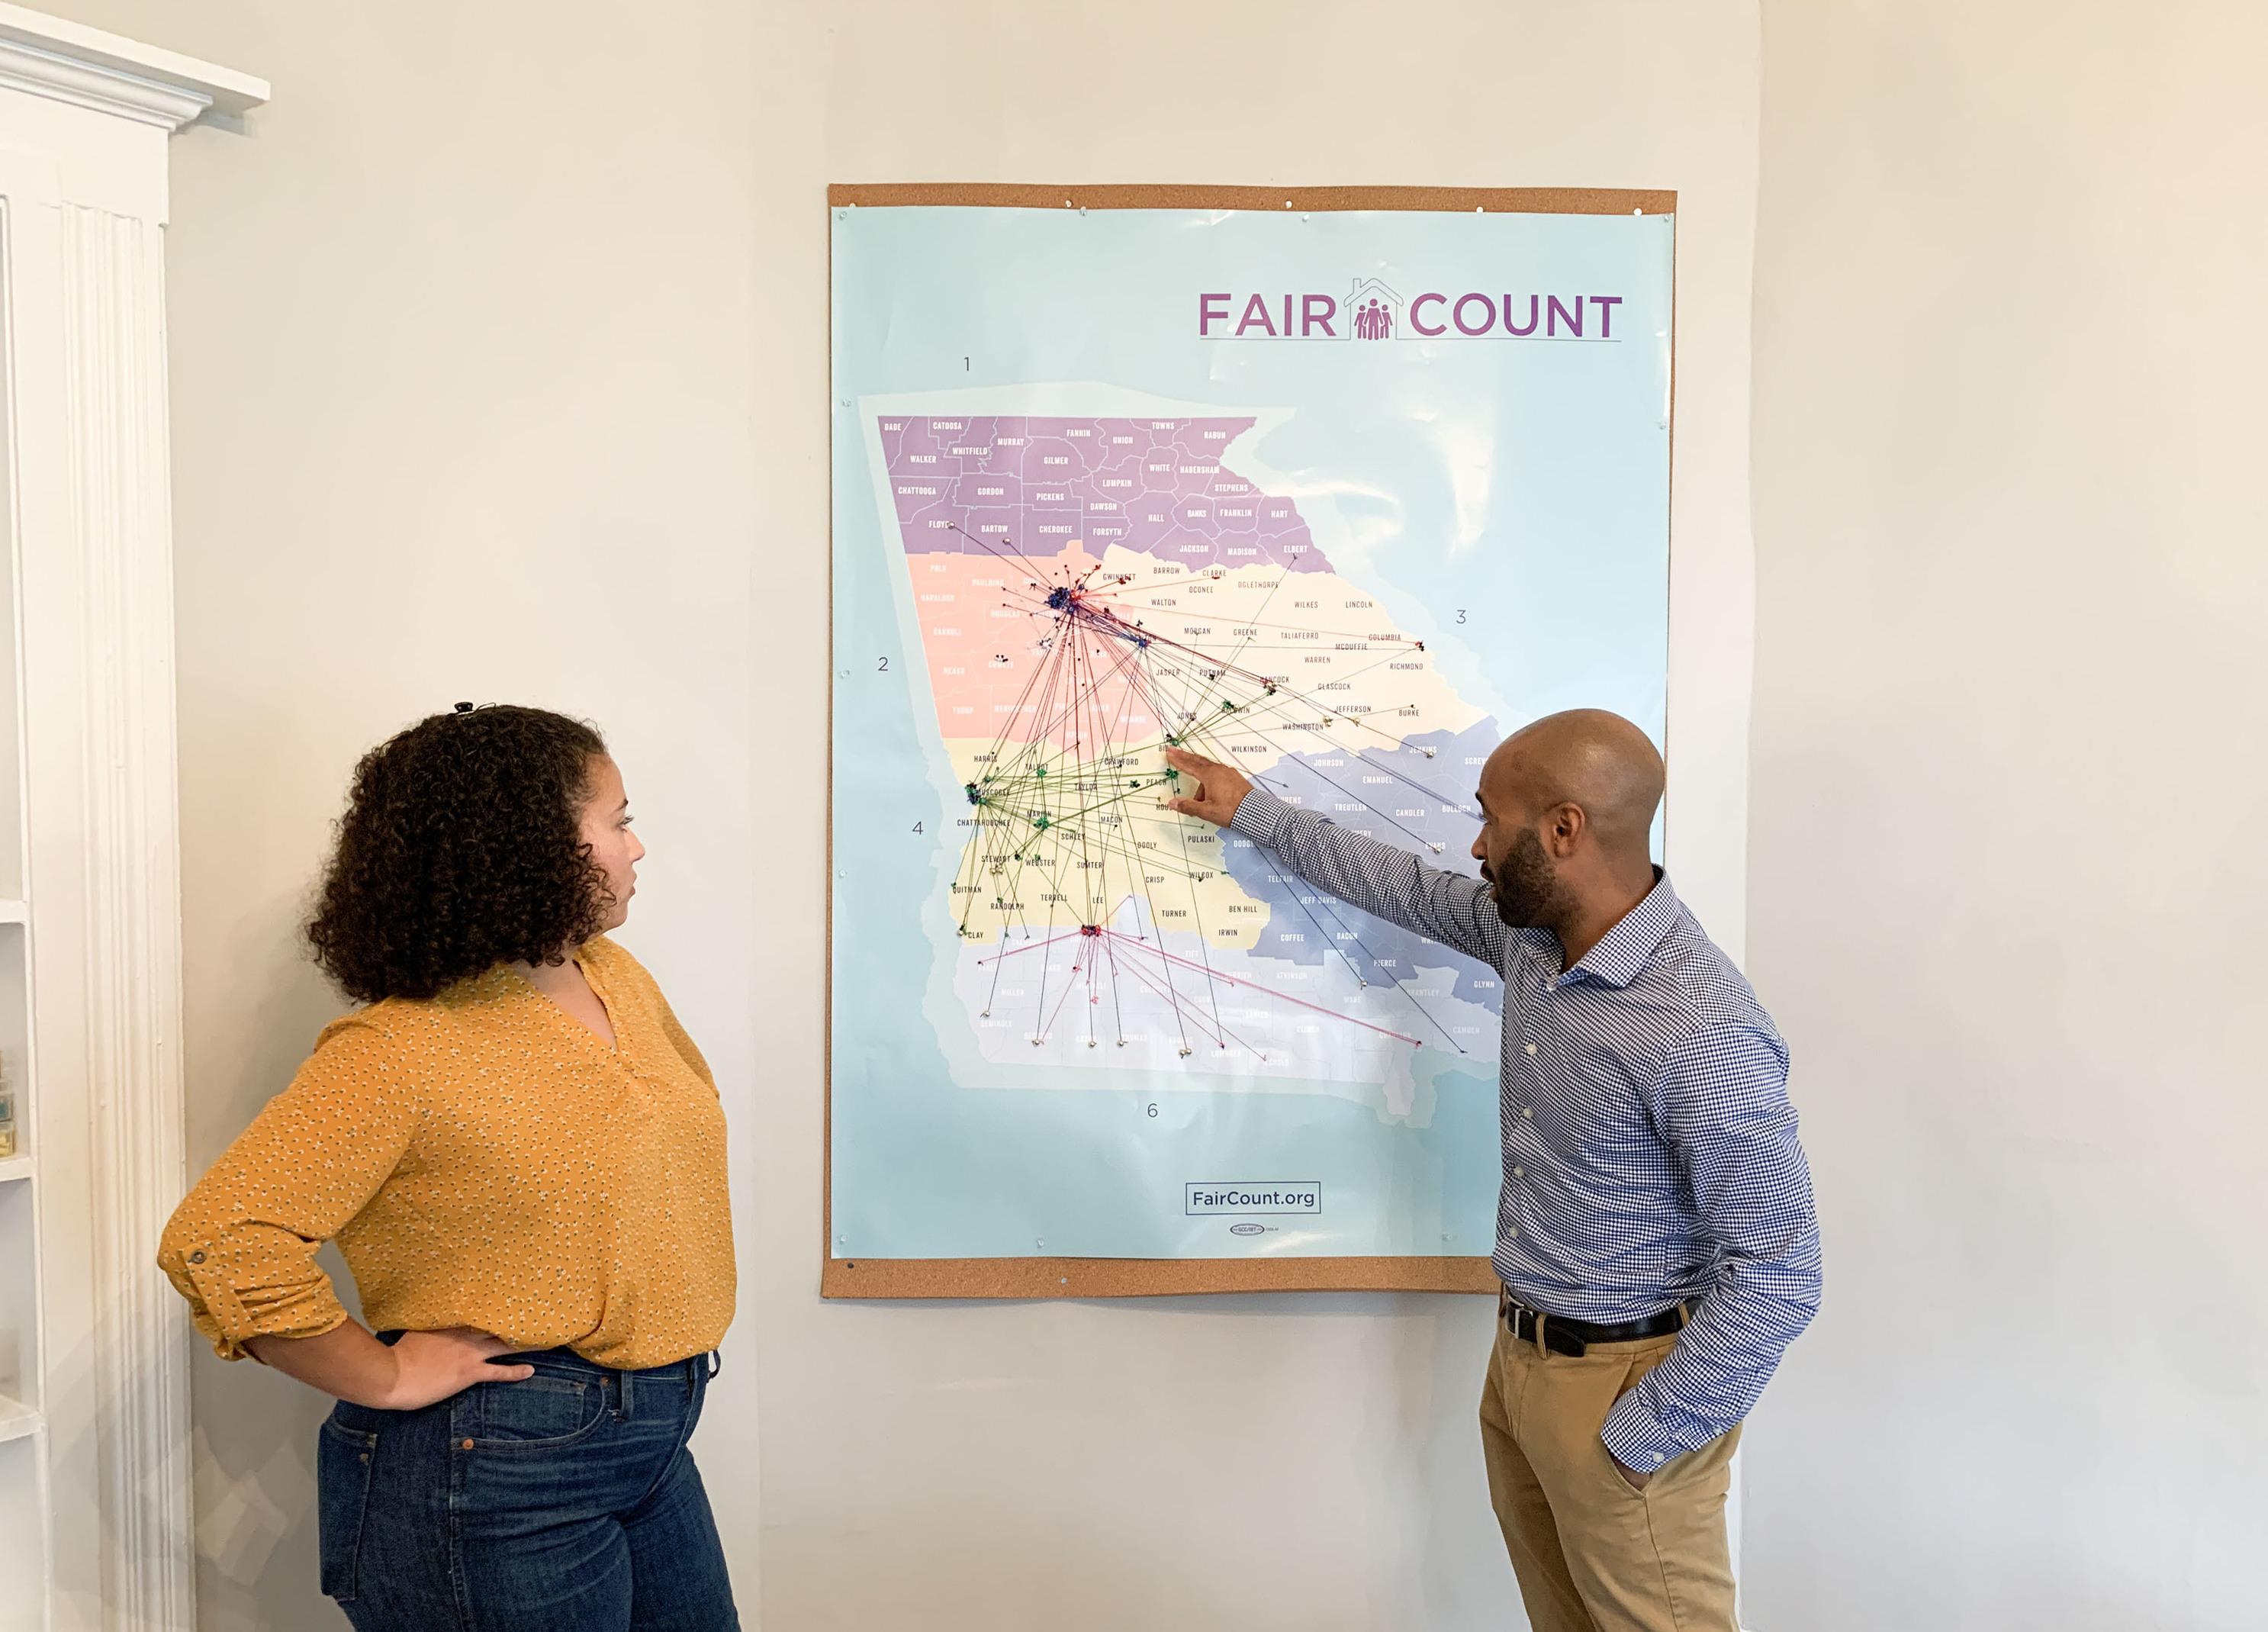 Ed Reed (derecha), director del programa de Fair Count, y Djemanesh Aneteneh, administradora de operaciones y eventos, observan un mapa que muestra los puntos de acceso Wi-Fi que el grupo ha instalado en Georgia. Foto: Hansi Lo Wang / NPR.